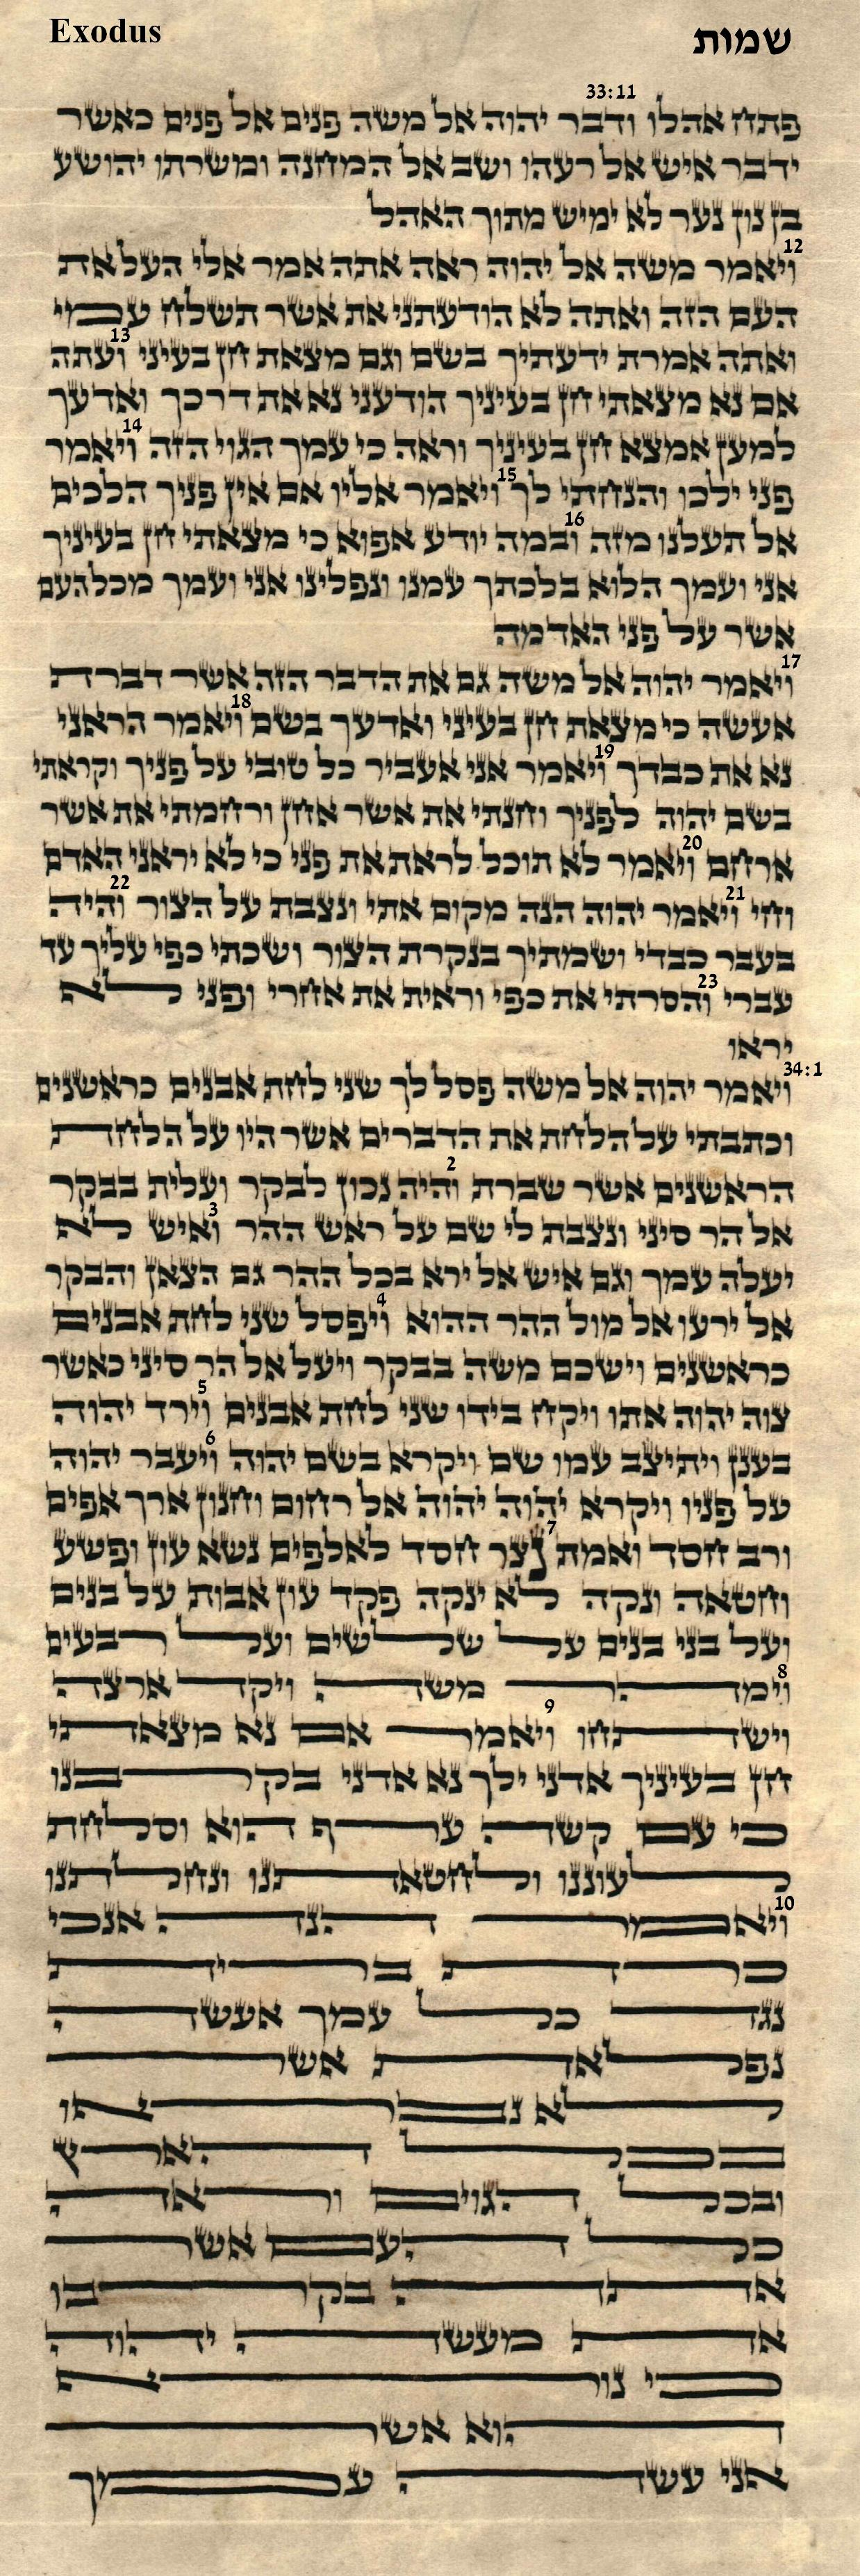 Exodus 33.11 - 34.10